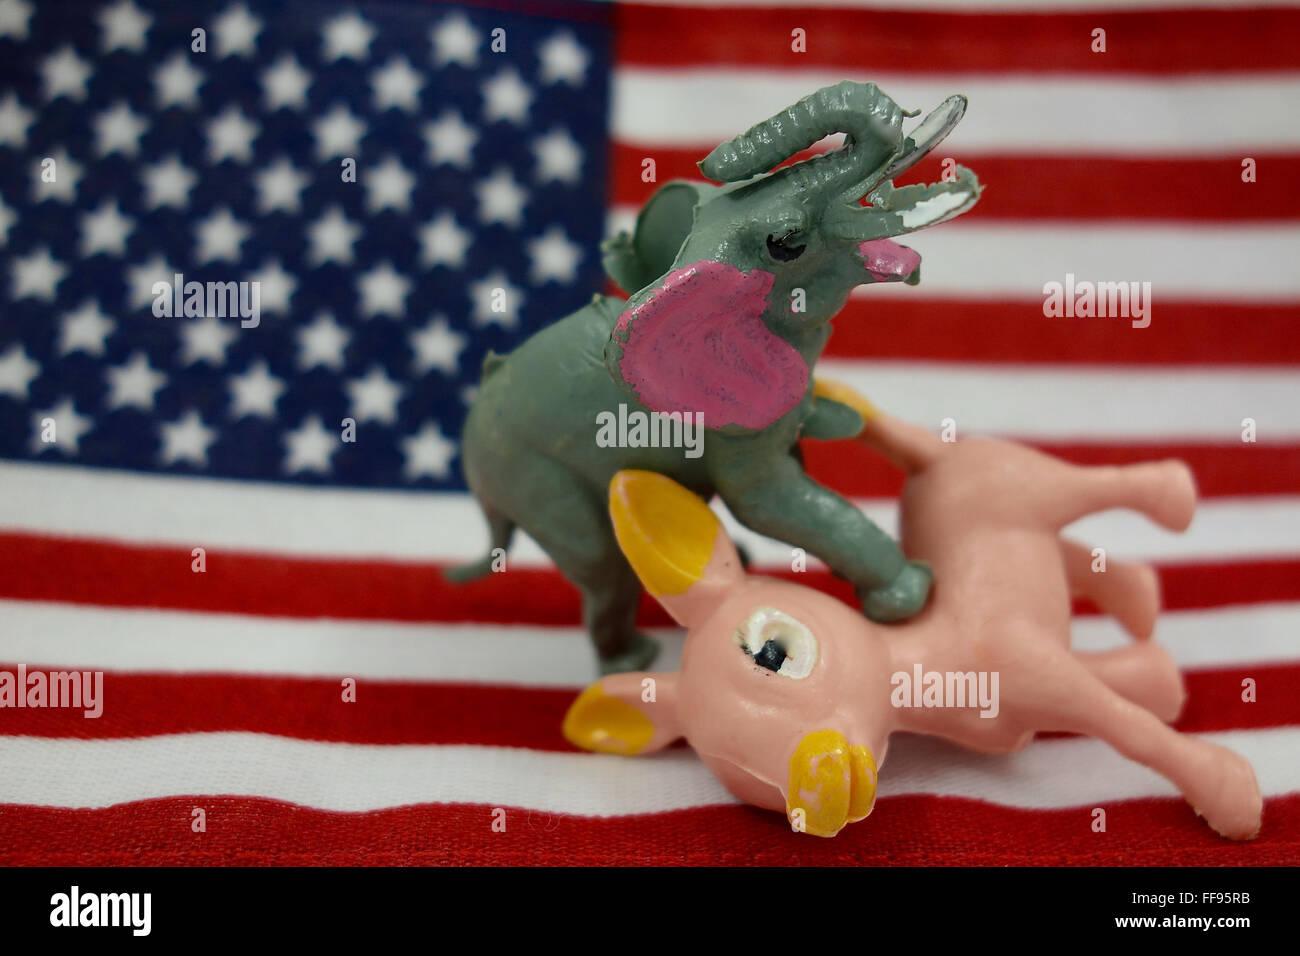 Democrats and Republicans - Stock Image